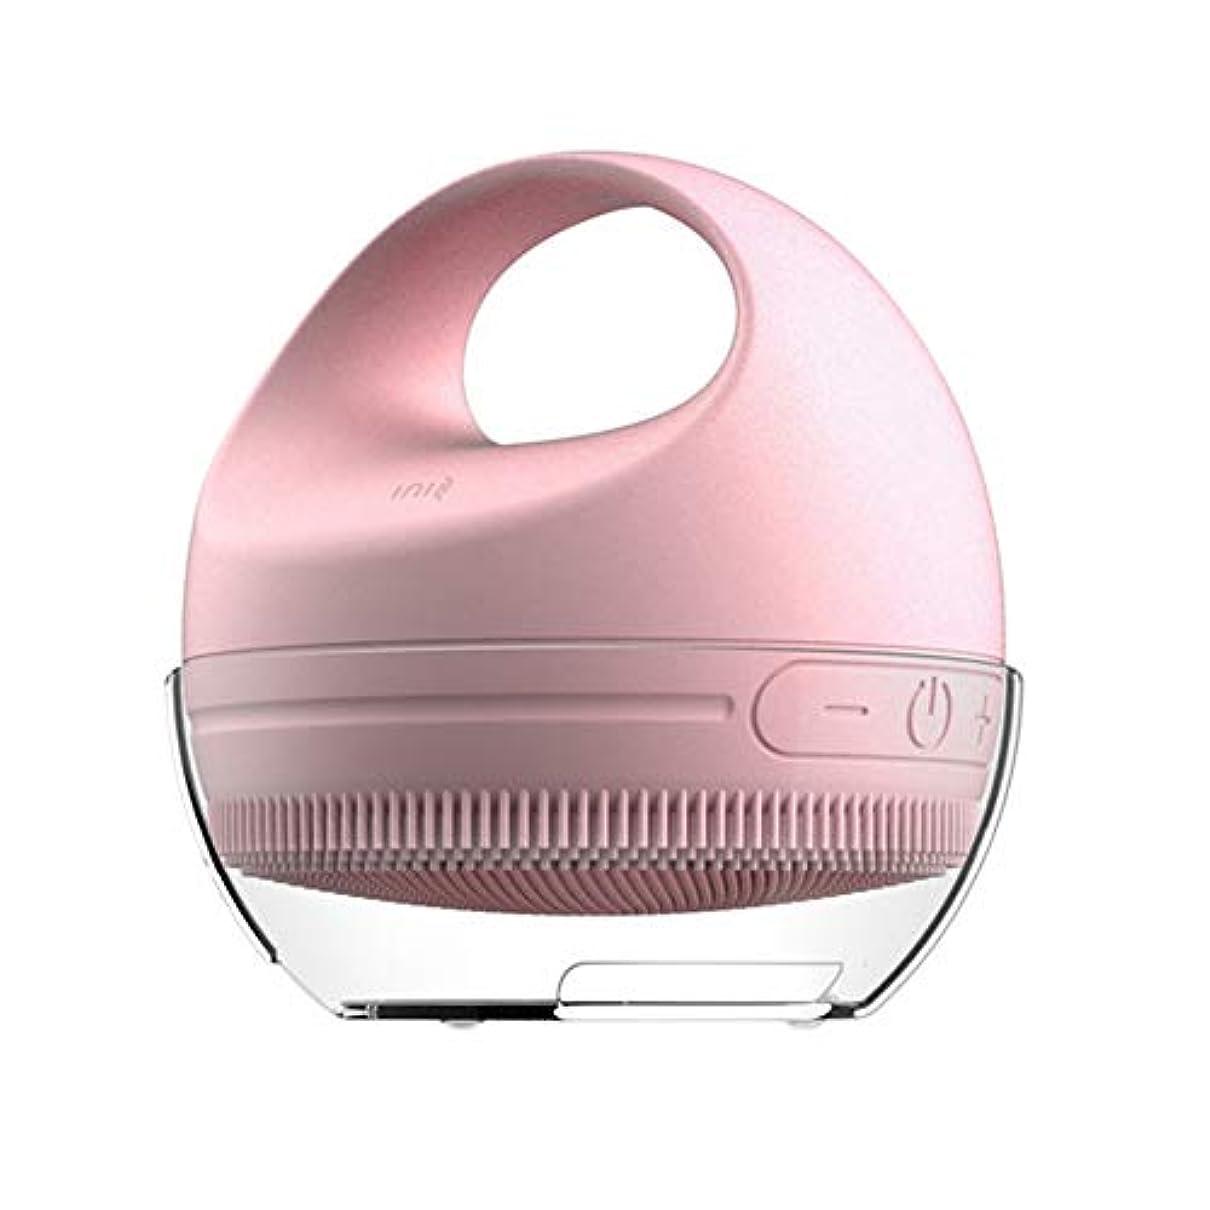 取り付け説明静脈電気暖かい/振動シリコーンフェイスクレンザーとマッサージブラシをアップグレードしてください自己乾燥技術を使って、滑り止めのハンドル、インテリジェントなタイミング、防水IPX6、1200 mAhバッテリ,Pink